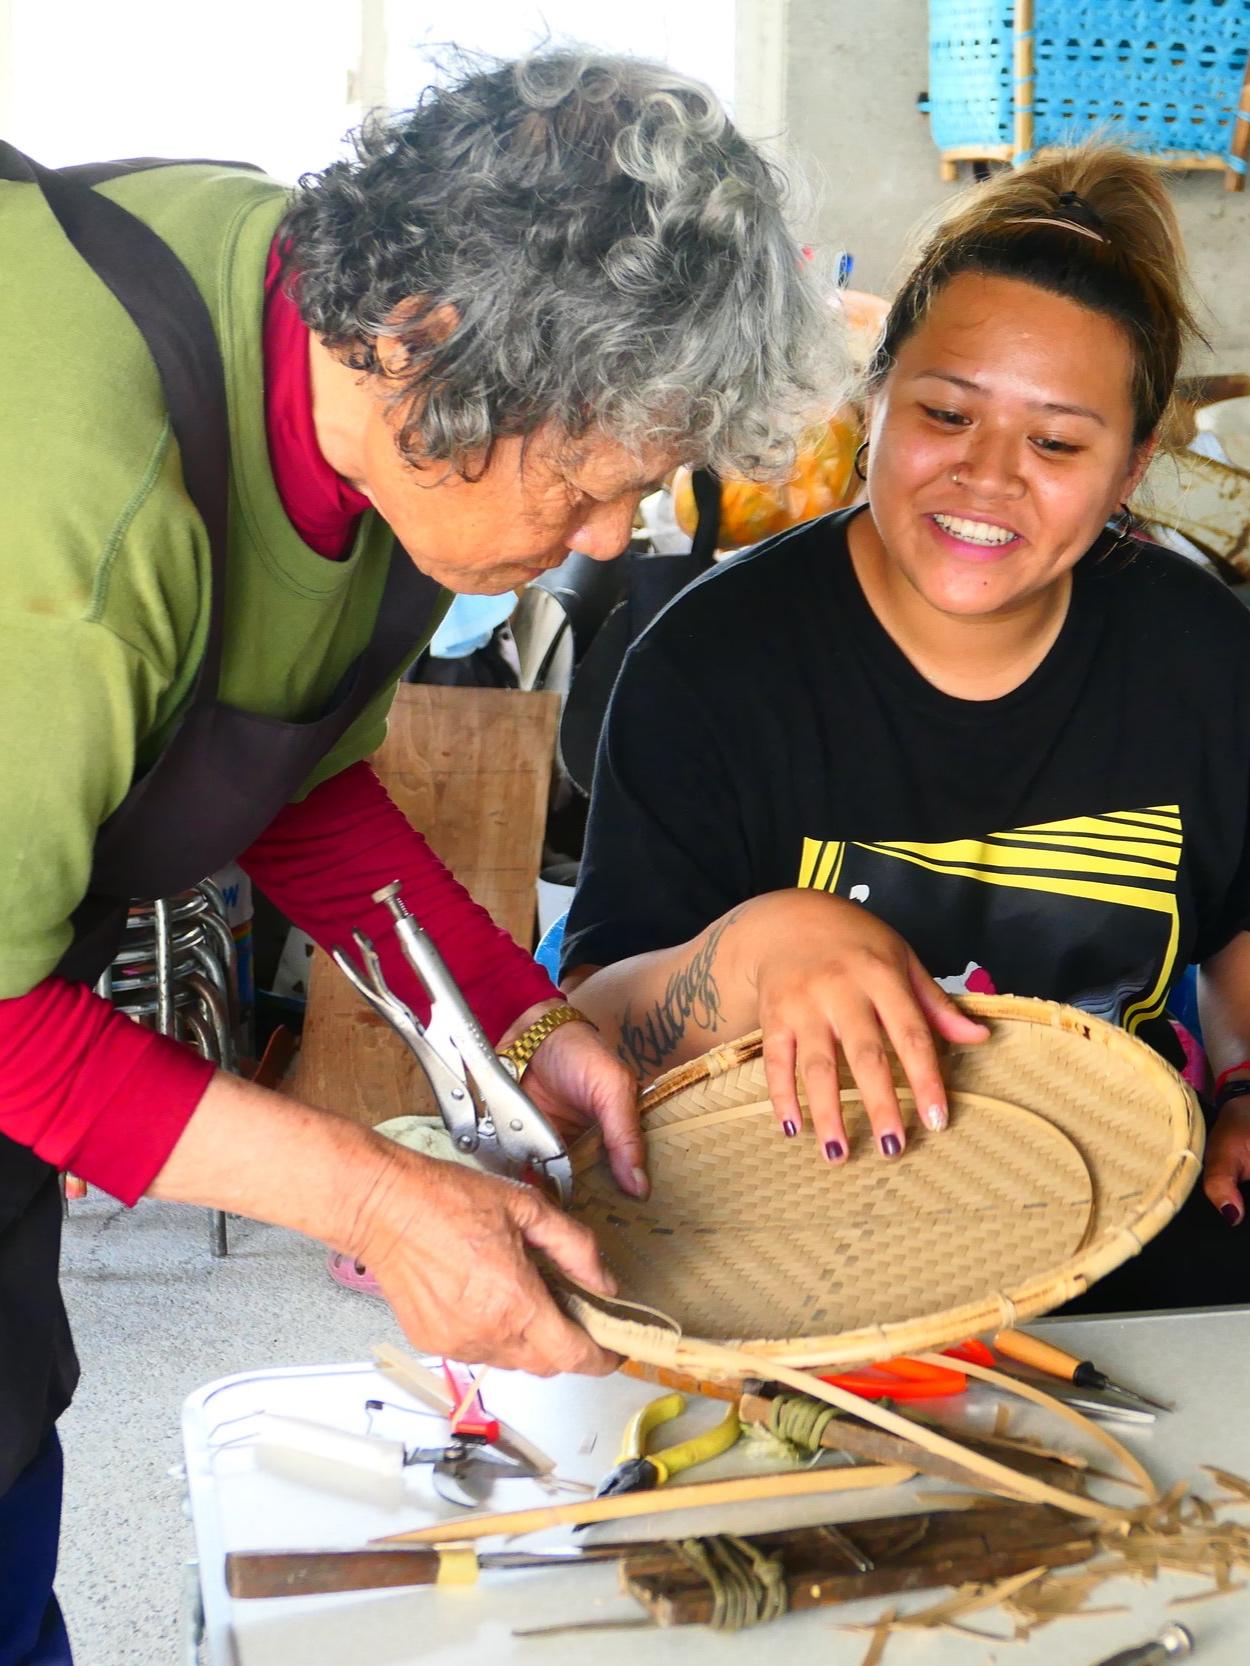 阿嬤只要在去菜園或是接孫子前的空閒時間裡,都會關心我們所製作出來的藤編,阿嬤就會像助教一樣,在一旁協助。